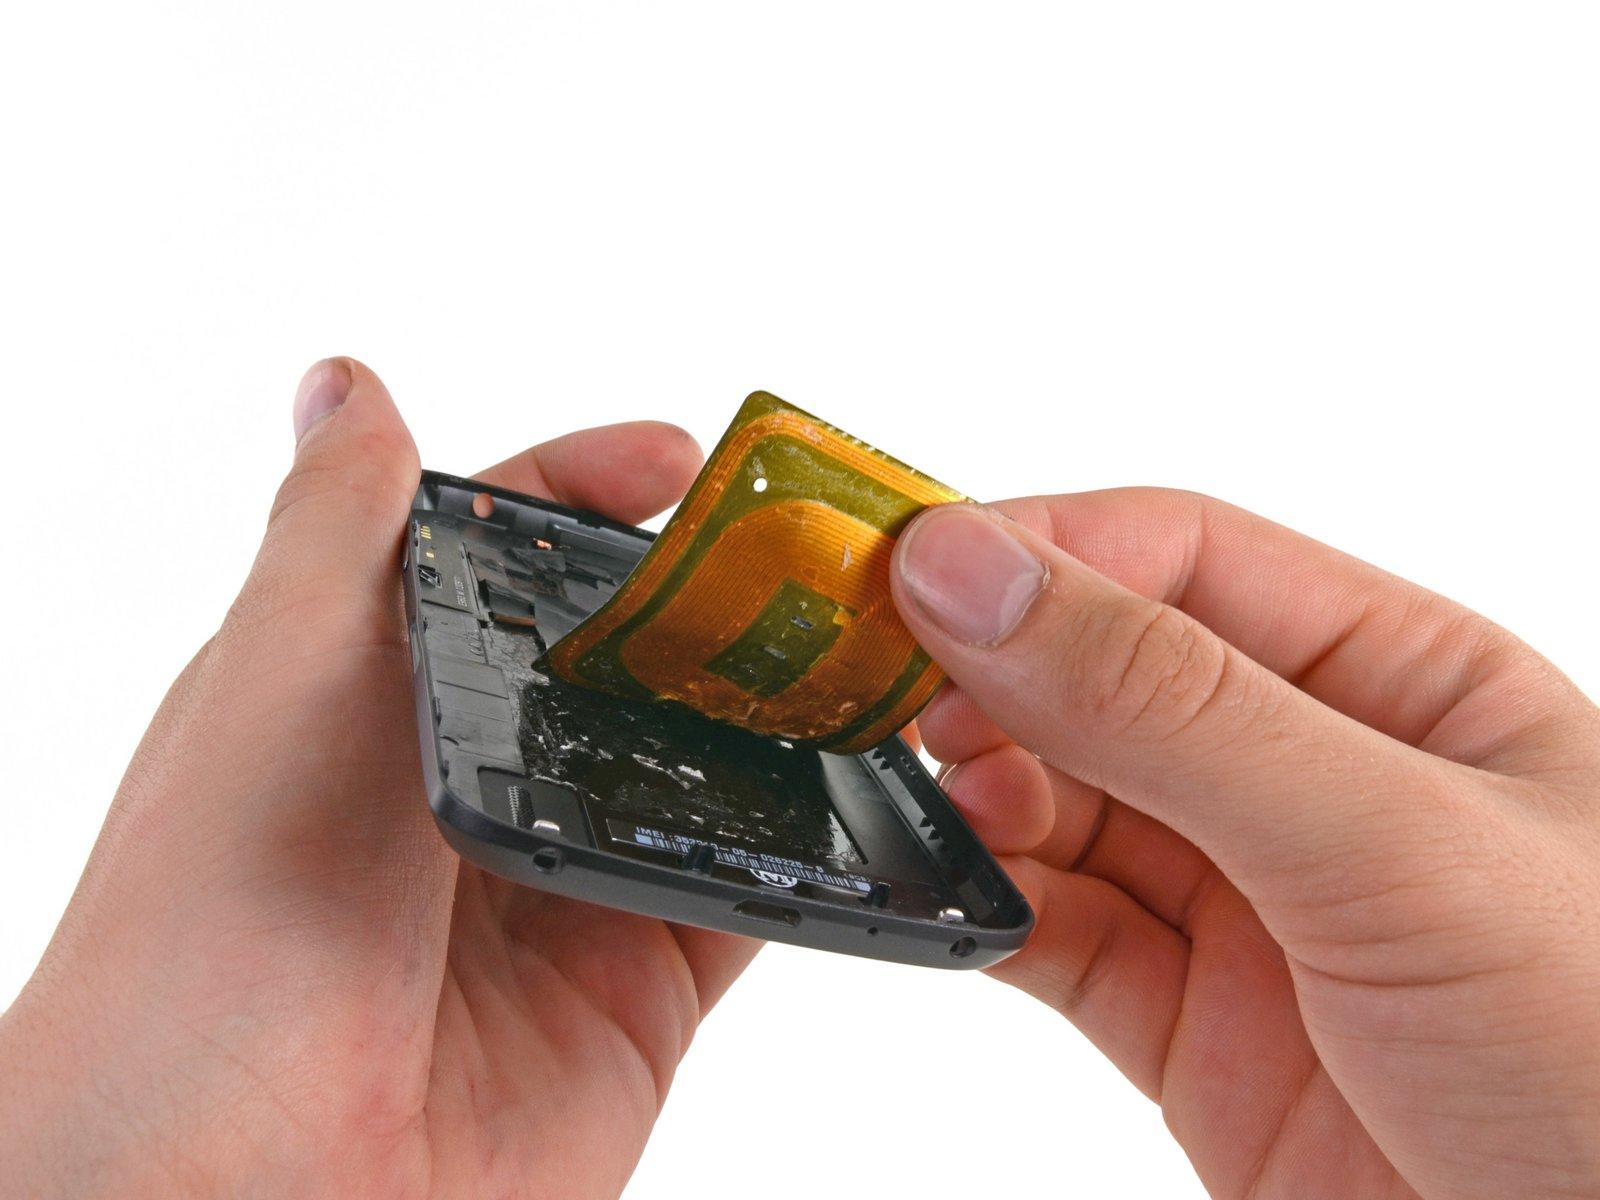 Как сделать аккумулятор как в телефоне